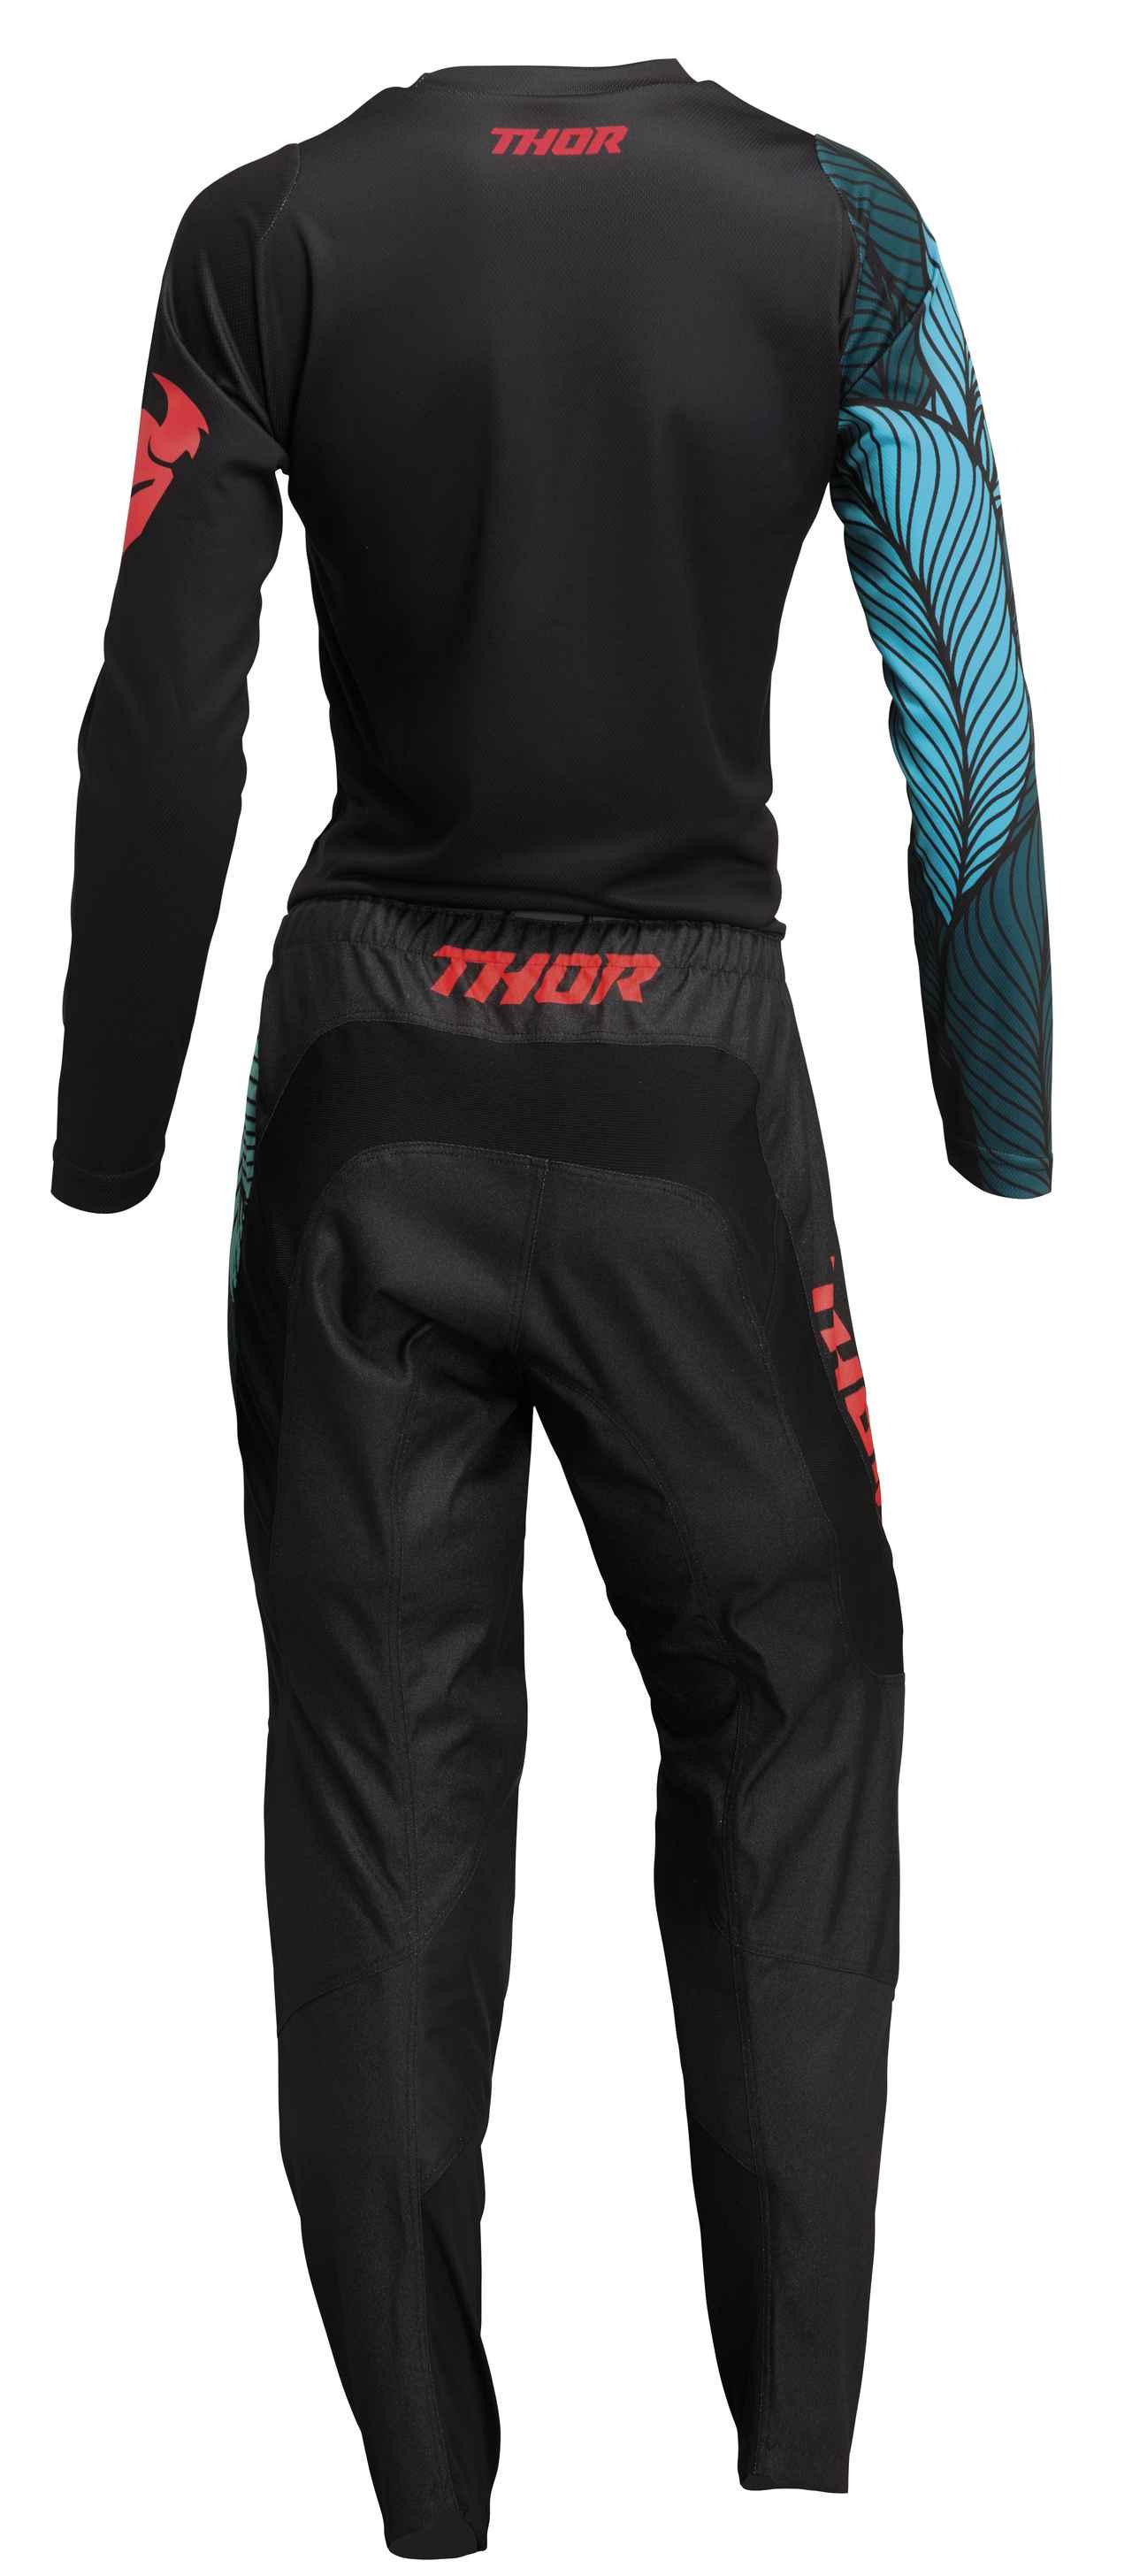 画像8: 「THOR」の2022モデル新作MXウェア SECTORシリーズ公開&販売開始